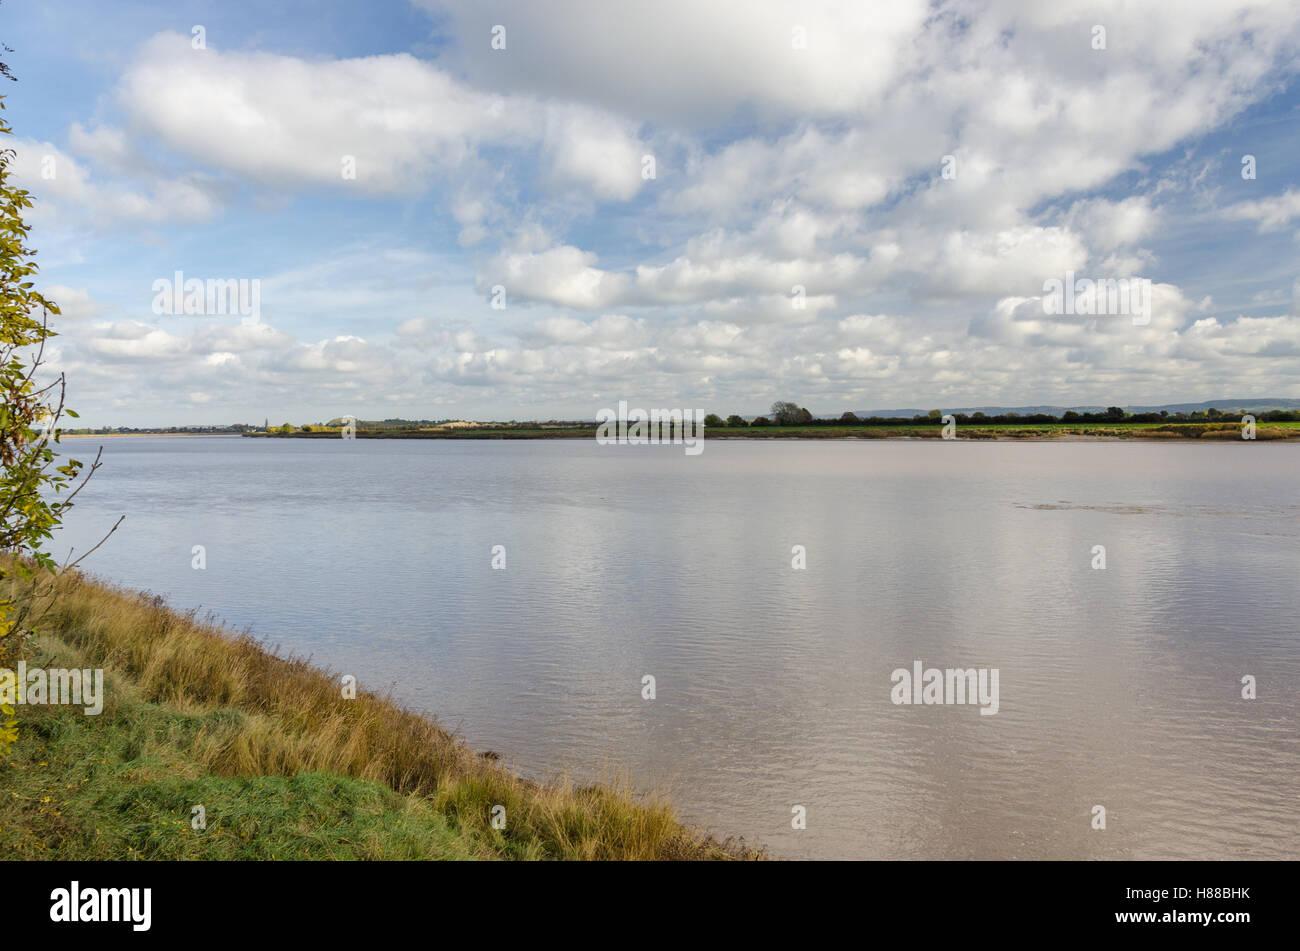 Weite des Flusses Severn am Newnham auf Severn in Gloucestershire Stockfoto